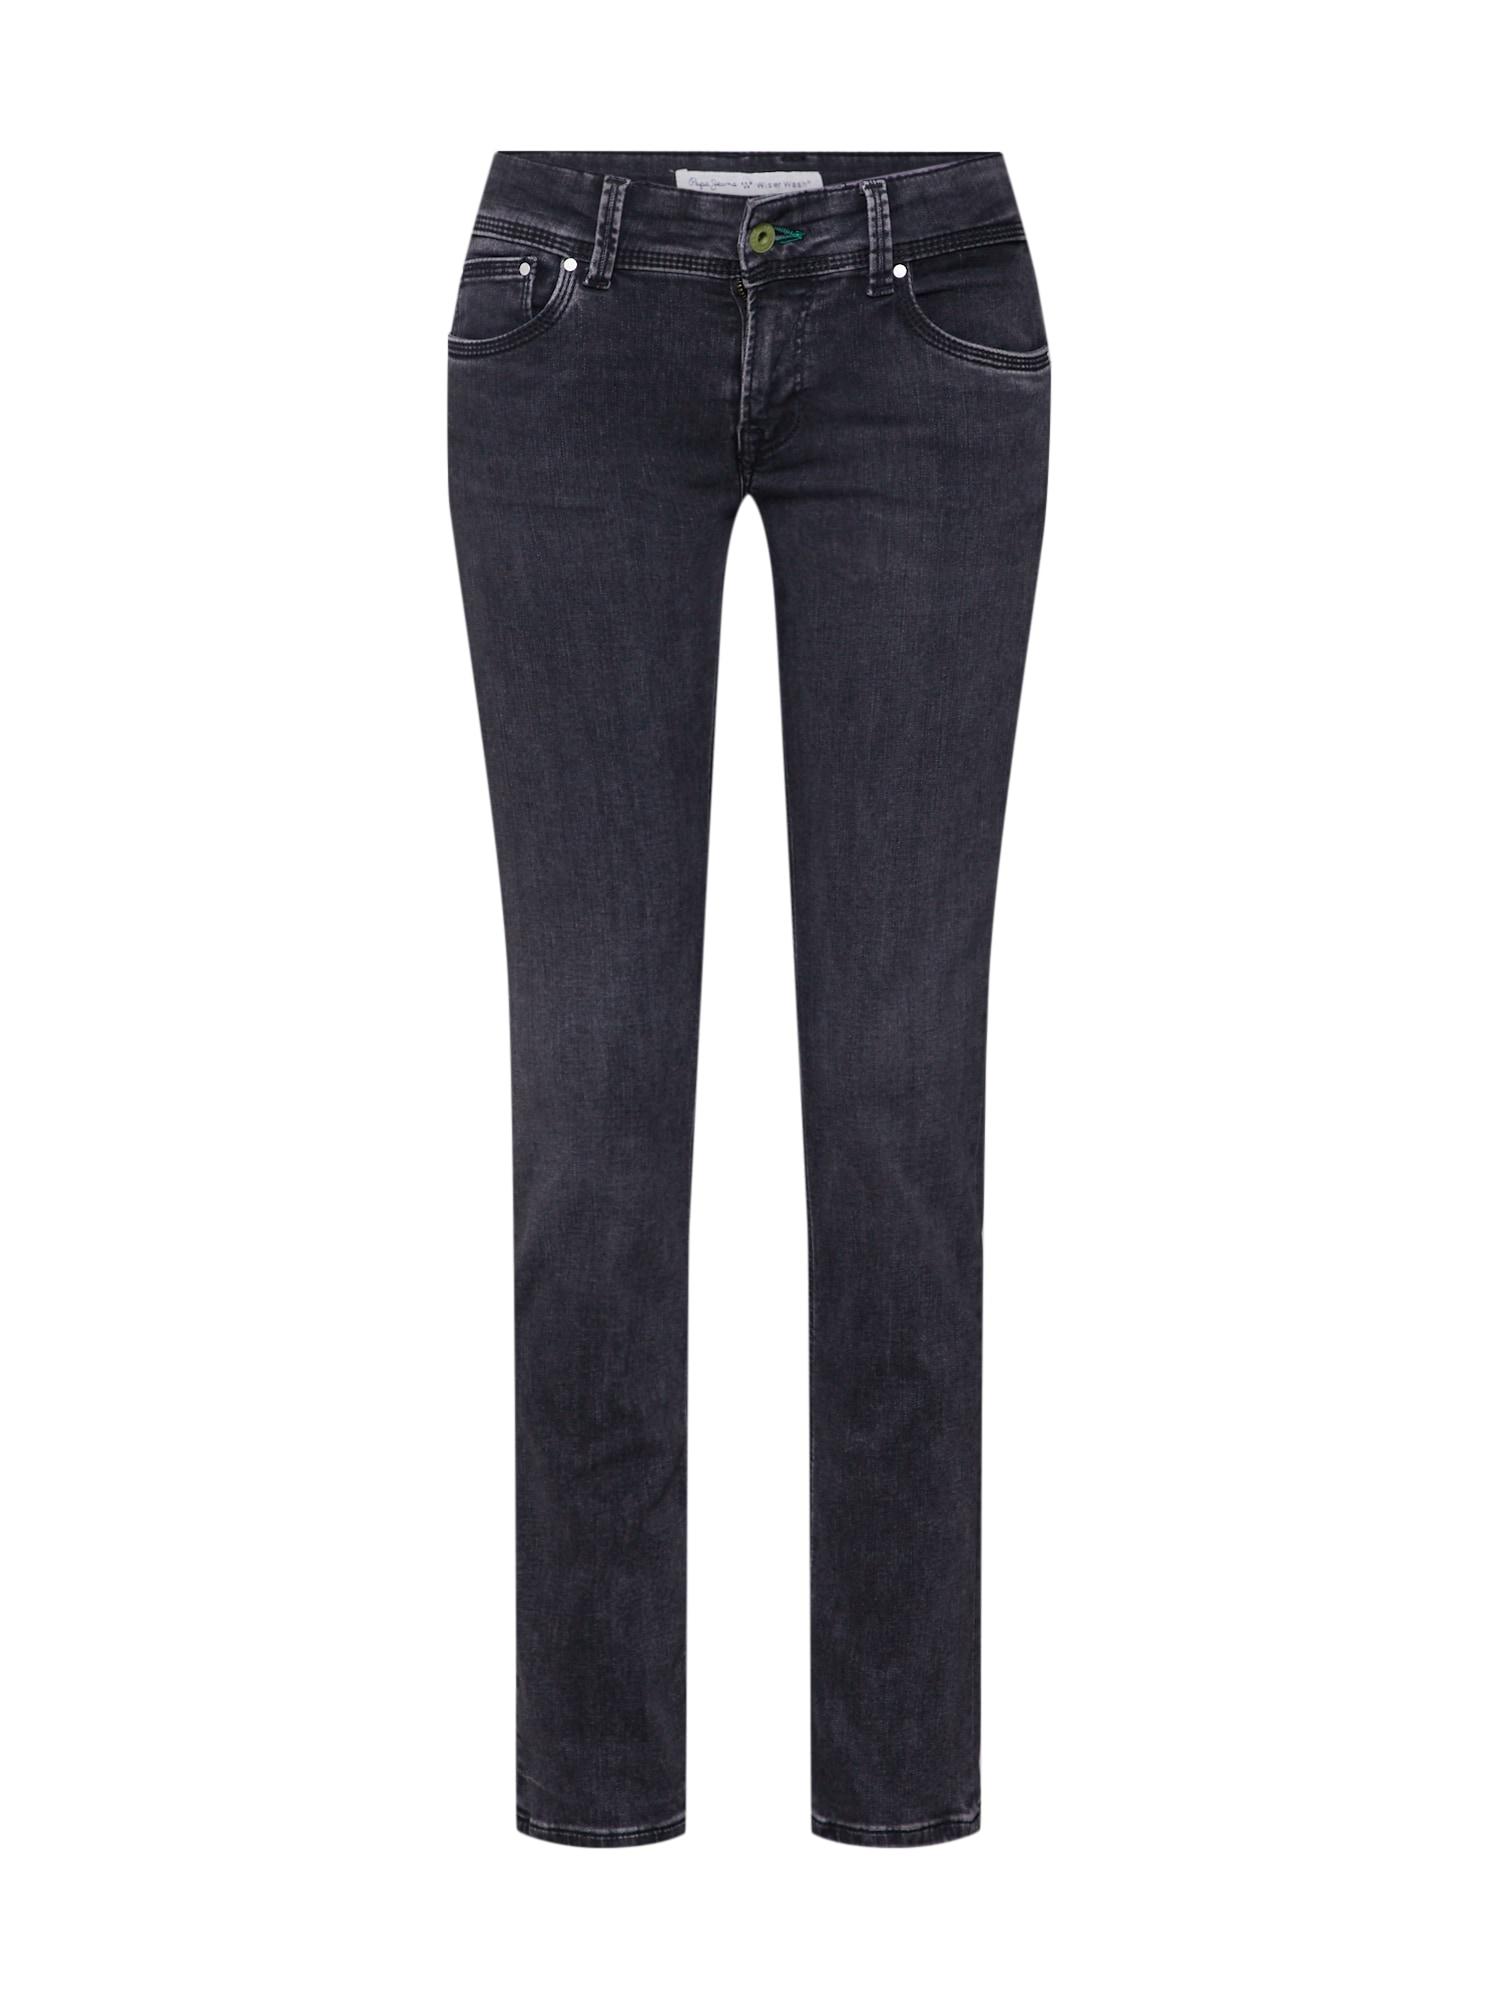 Džíny Saturn černá džínovina Pepe Jeans